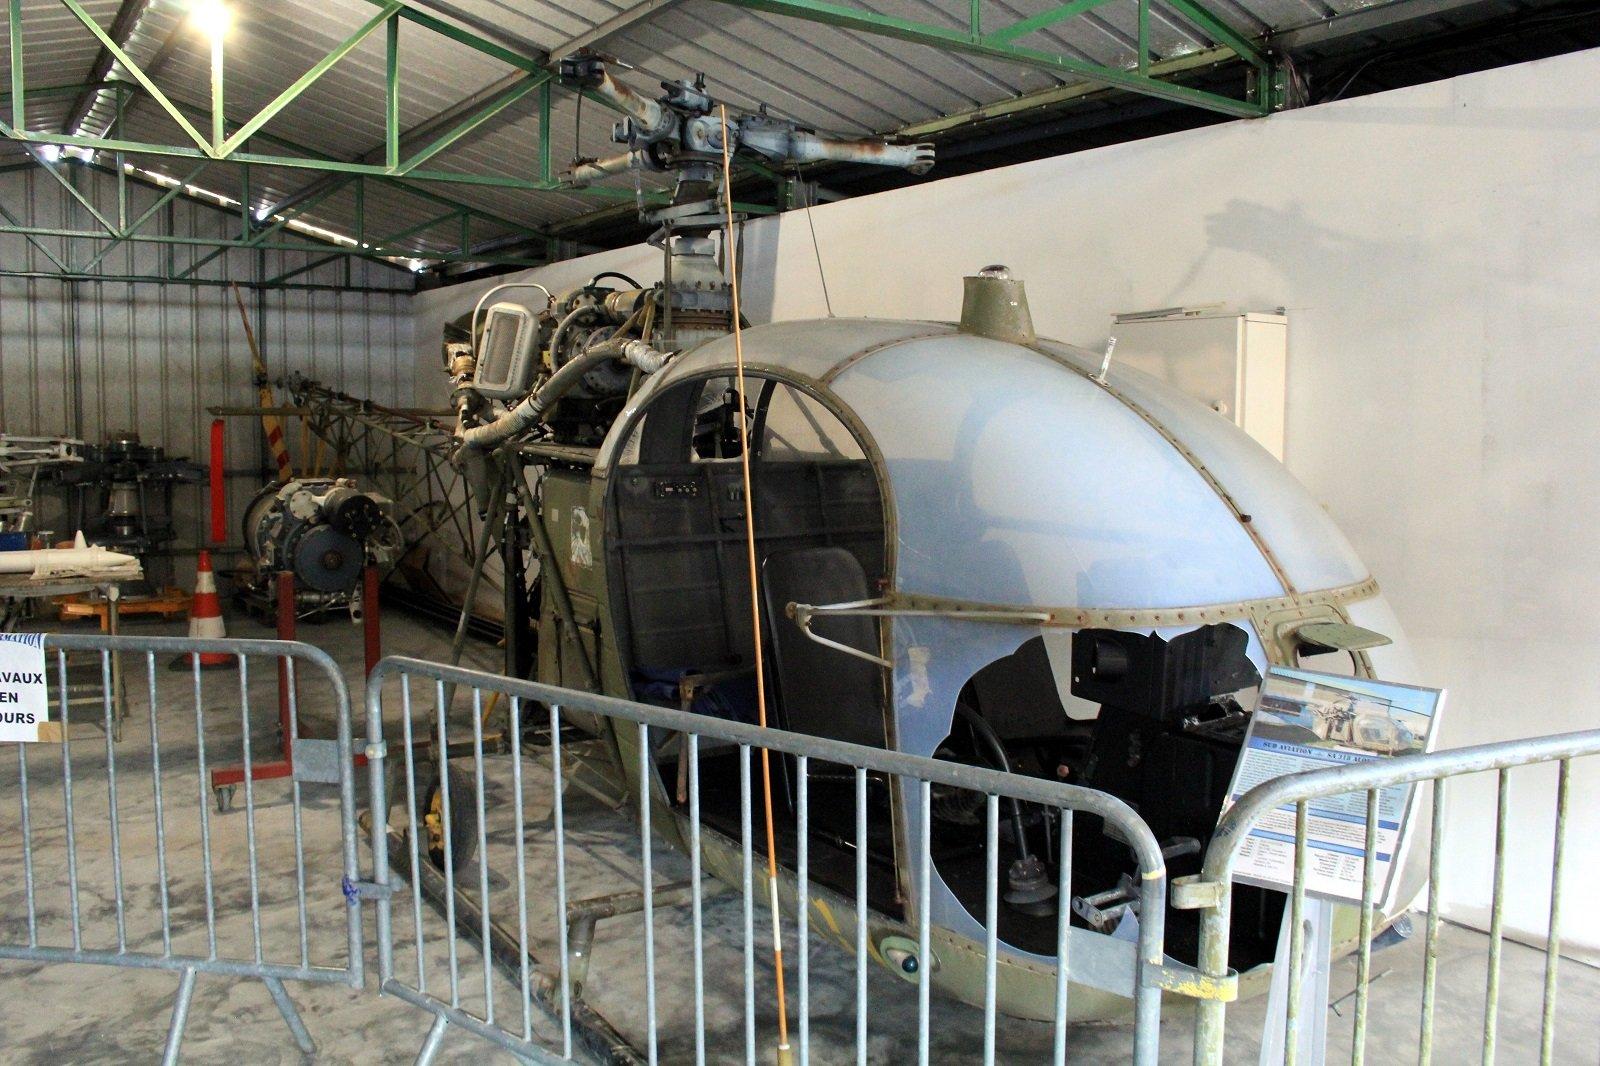 musée de l'aviation de chasse de Montelimar  - Page 2 19103007244645756